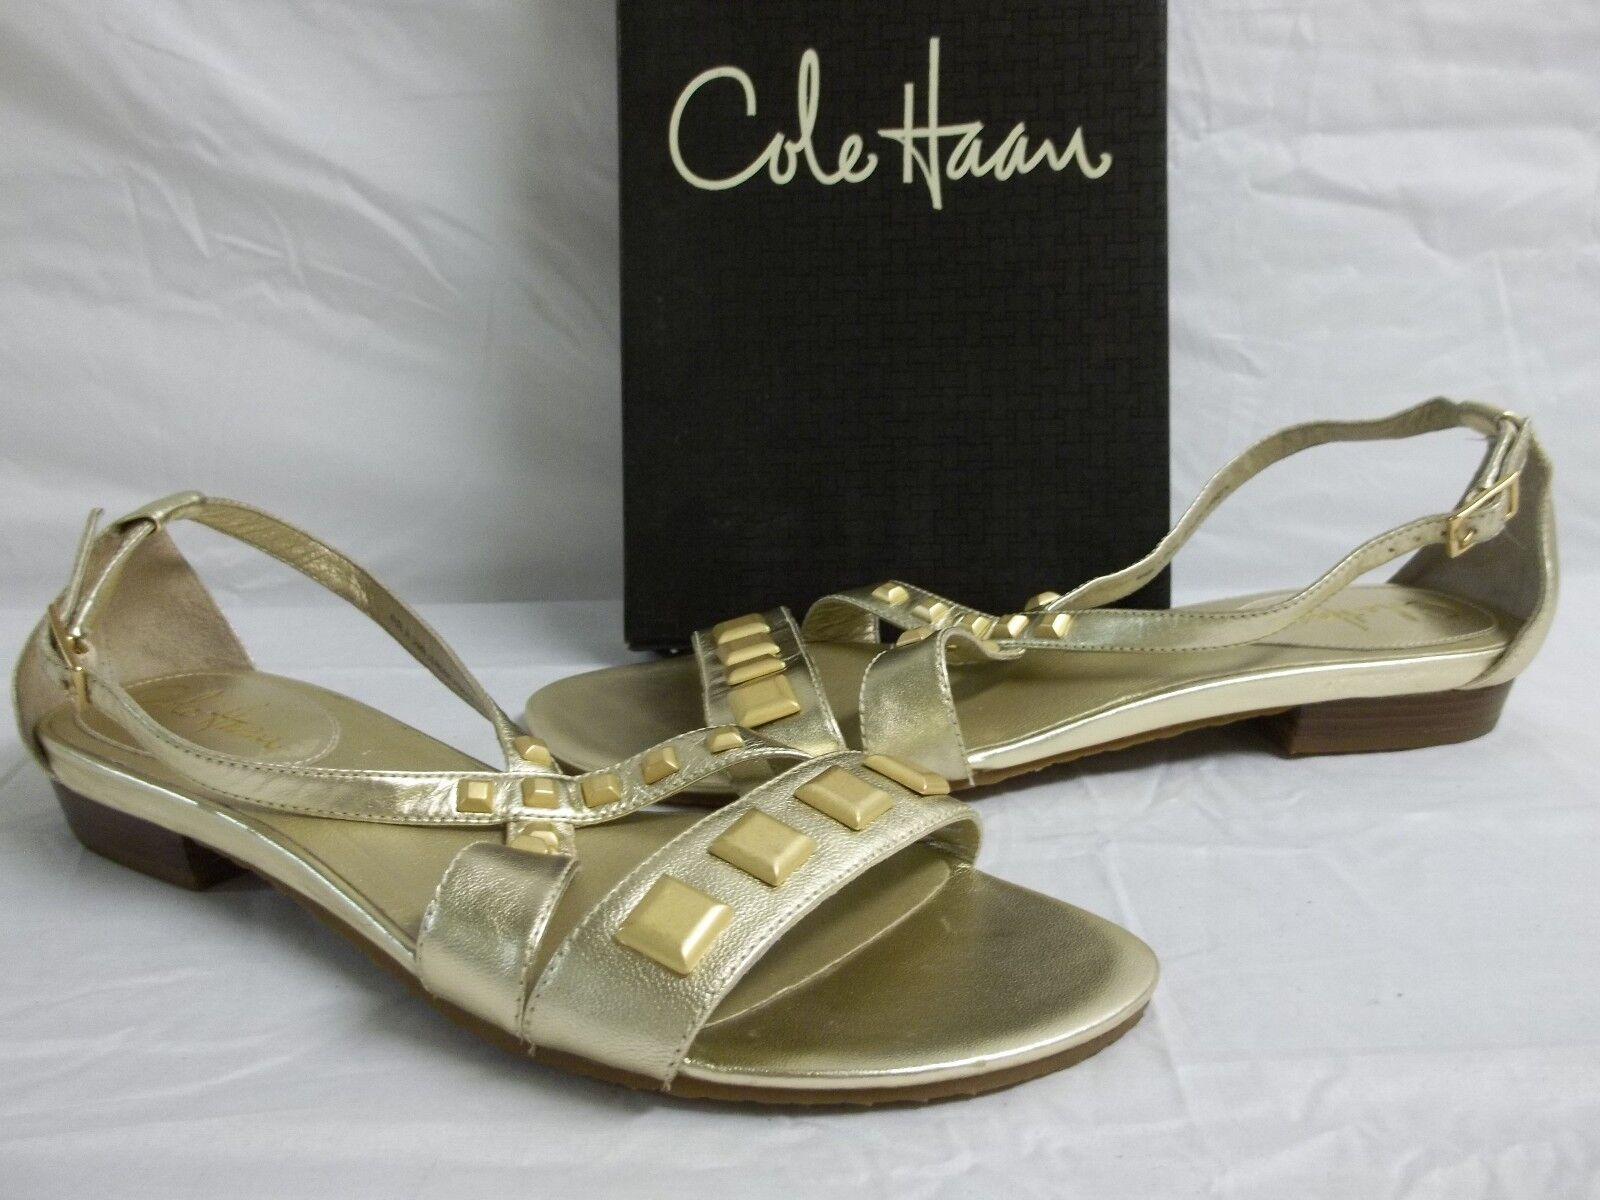 más vendido Cole Haan M oro Suave De Cuero Aire Hadley Sandalias Sandalias Sandalias nuevo Zapatos para mujer  ventas en linea